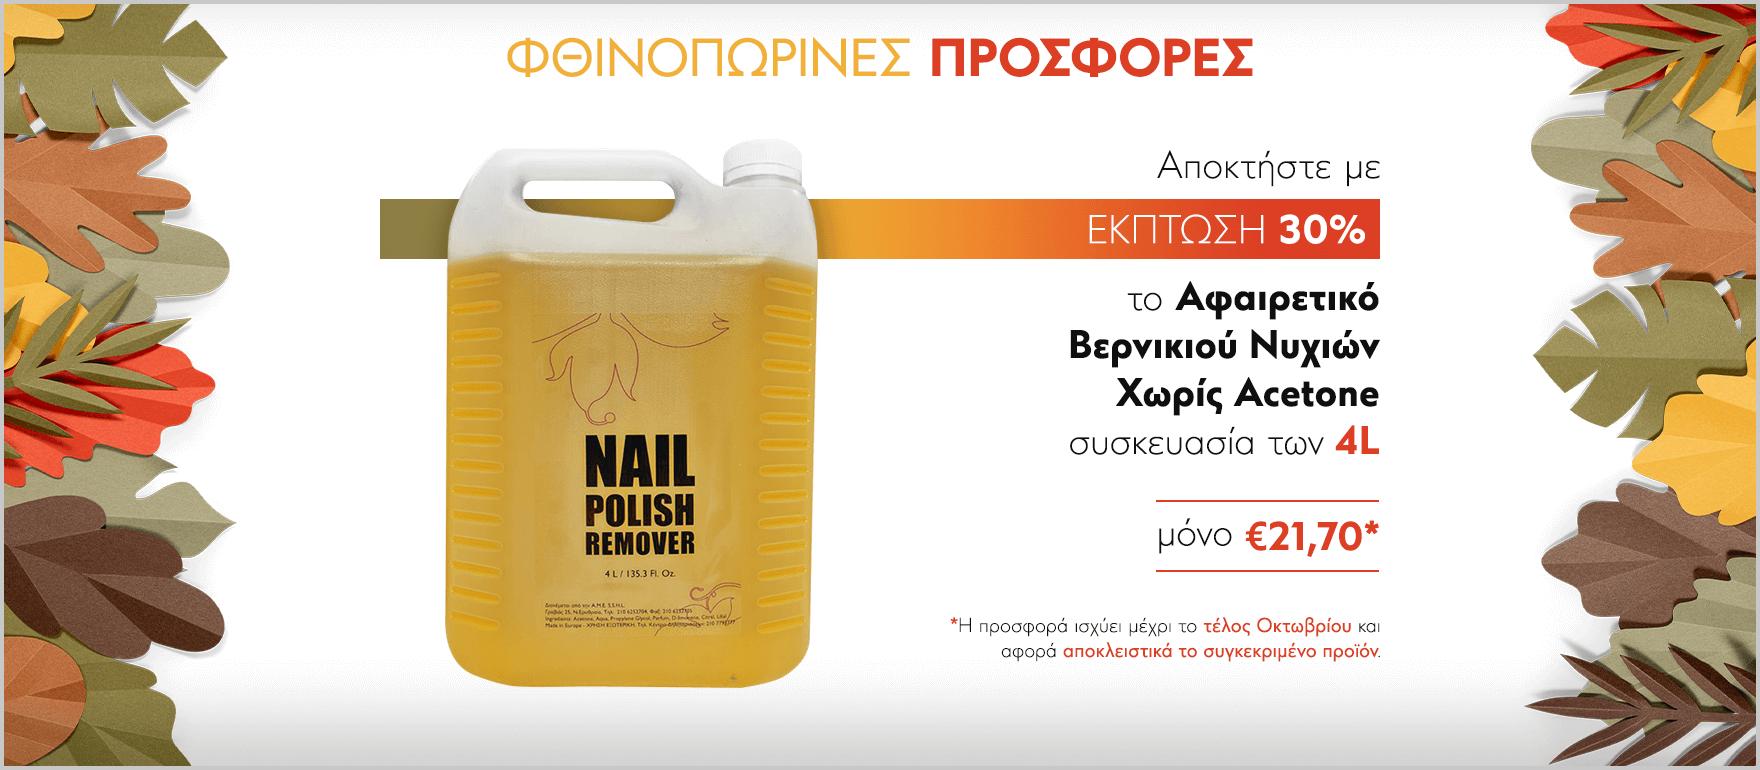 Προσφορά! Αφαιρετικό Νυχιών Χωρίς Acetone -30%